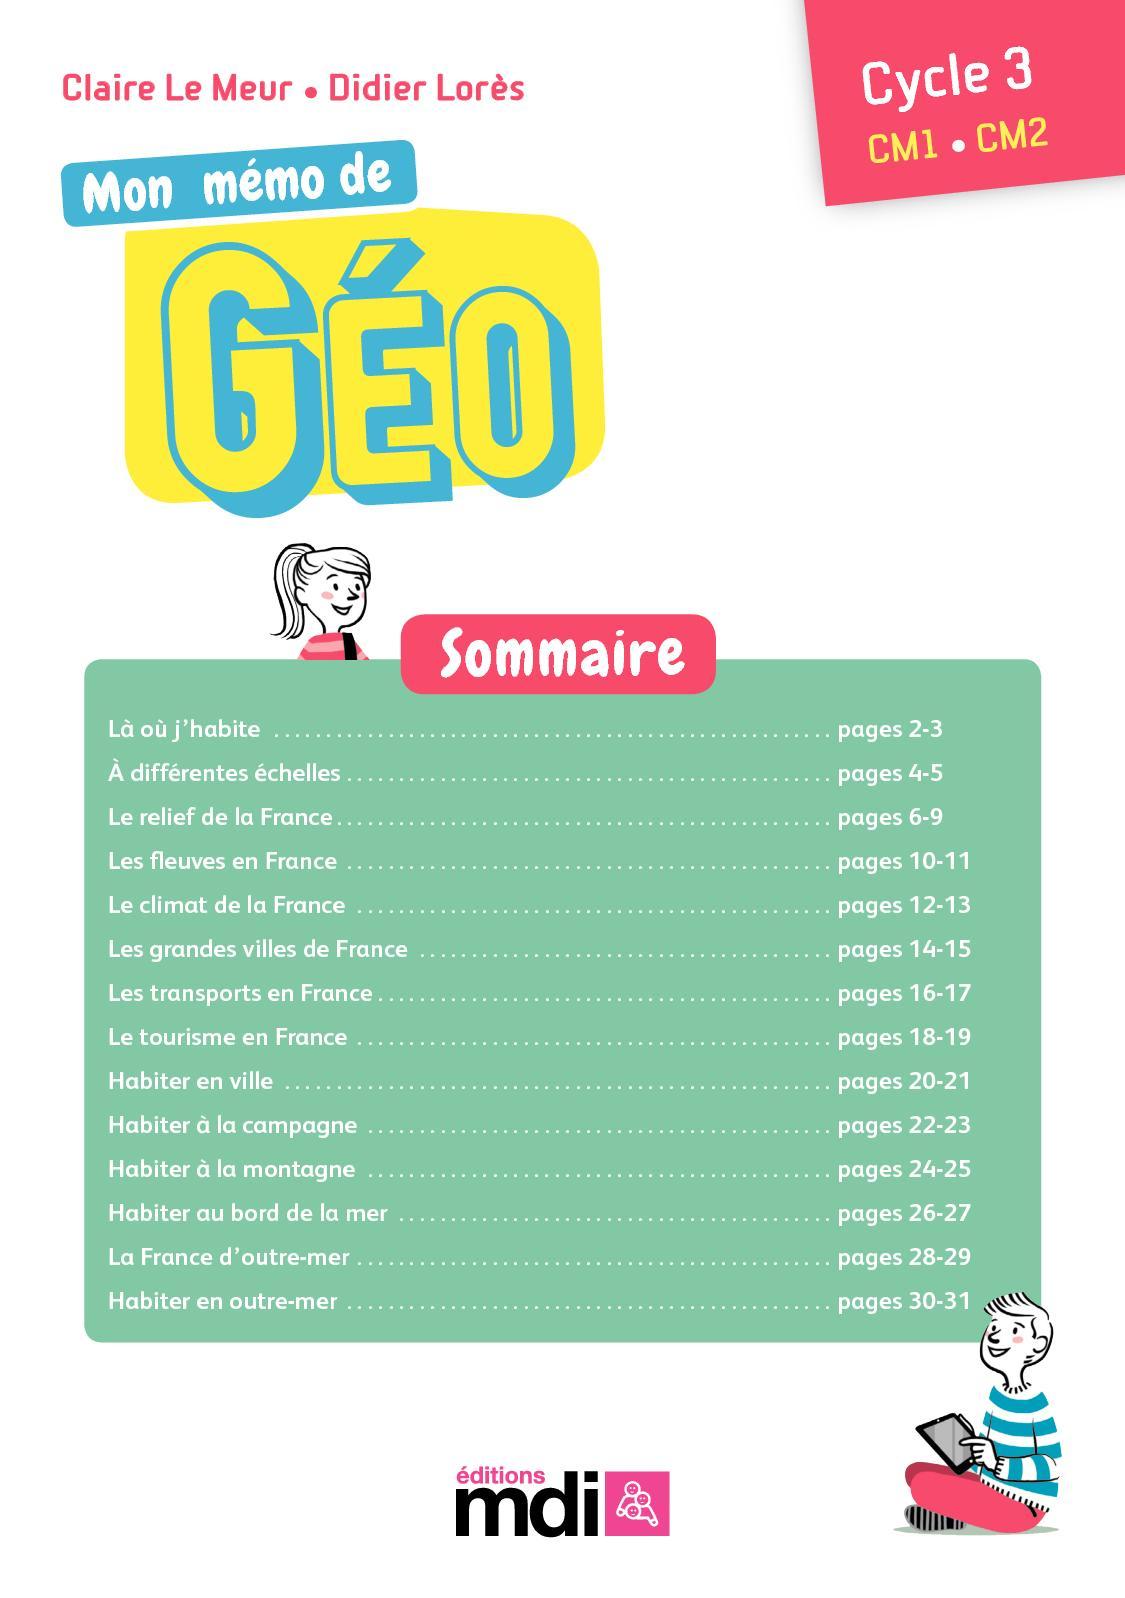 Extrait De Mon Mémo De Géo Mdi - Calameo Downloader tout Les Fleuves En France Cycle 3